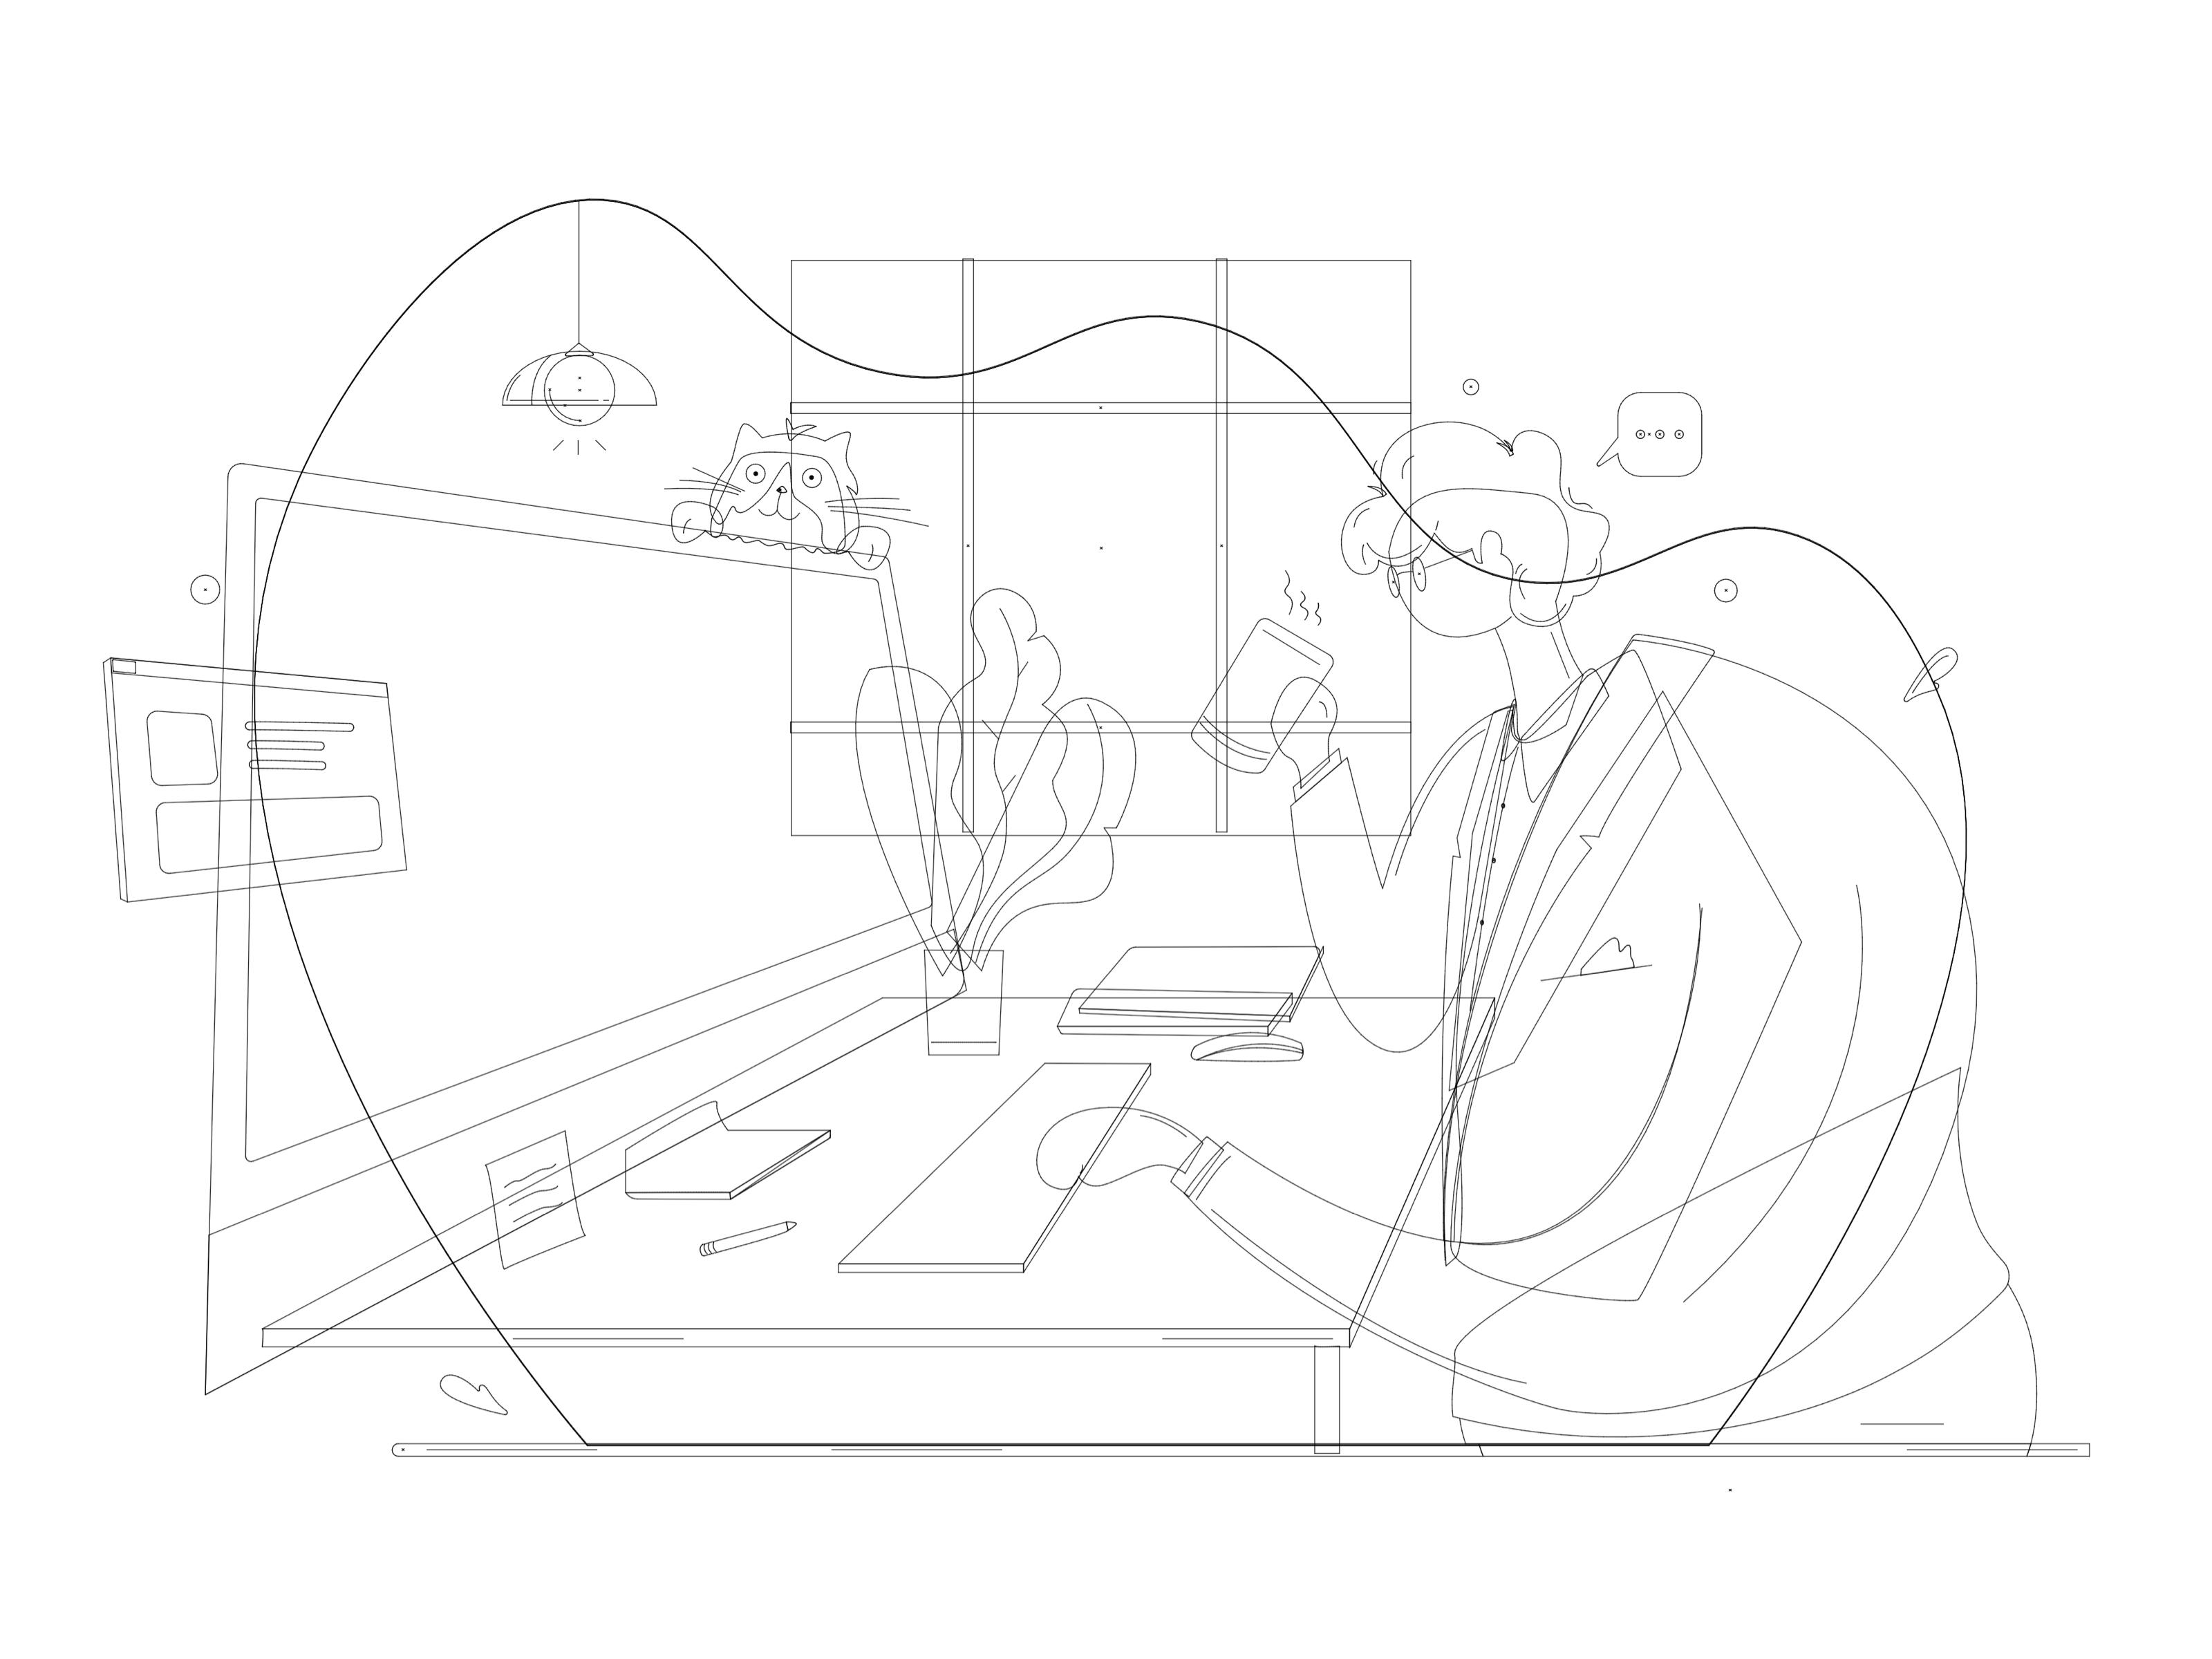 Working   vector by tran mau tri tam